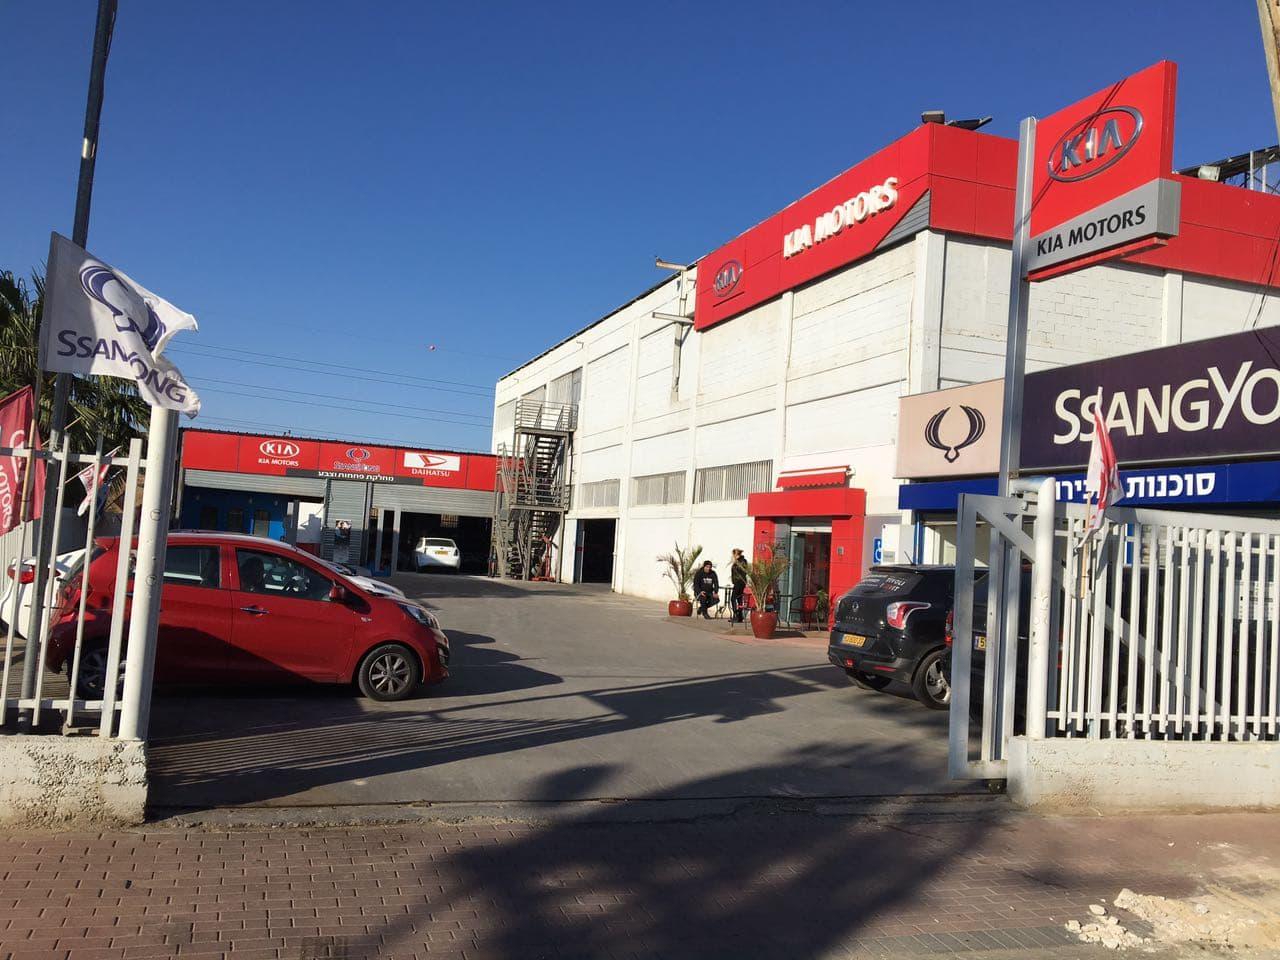 כניסה למרכז שירות כפיר - קיה באר שבע